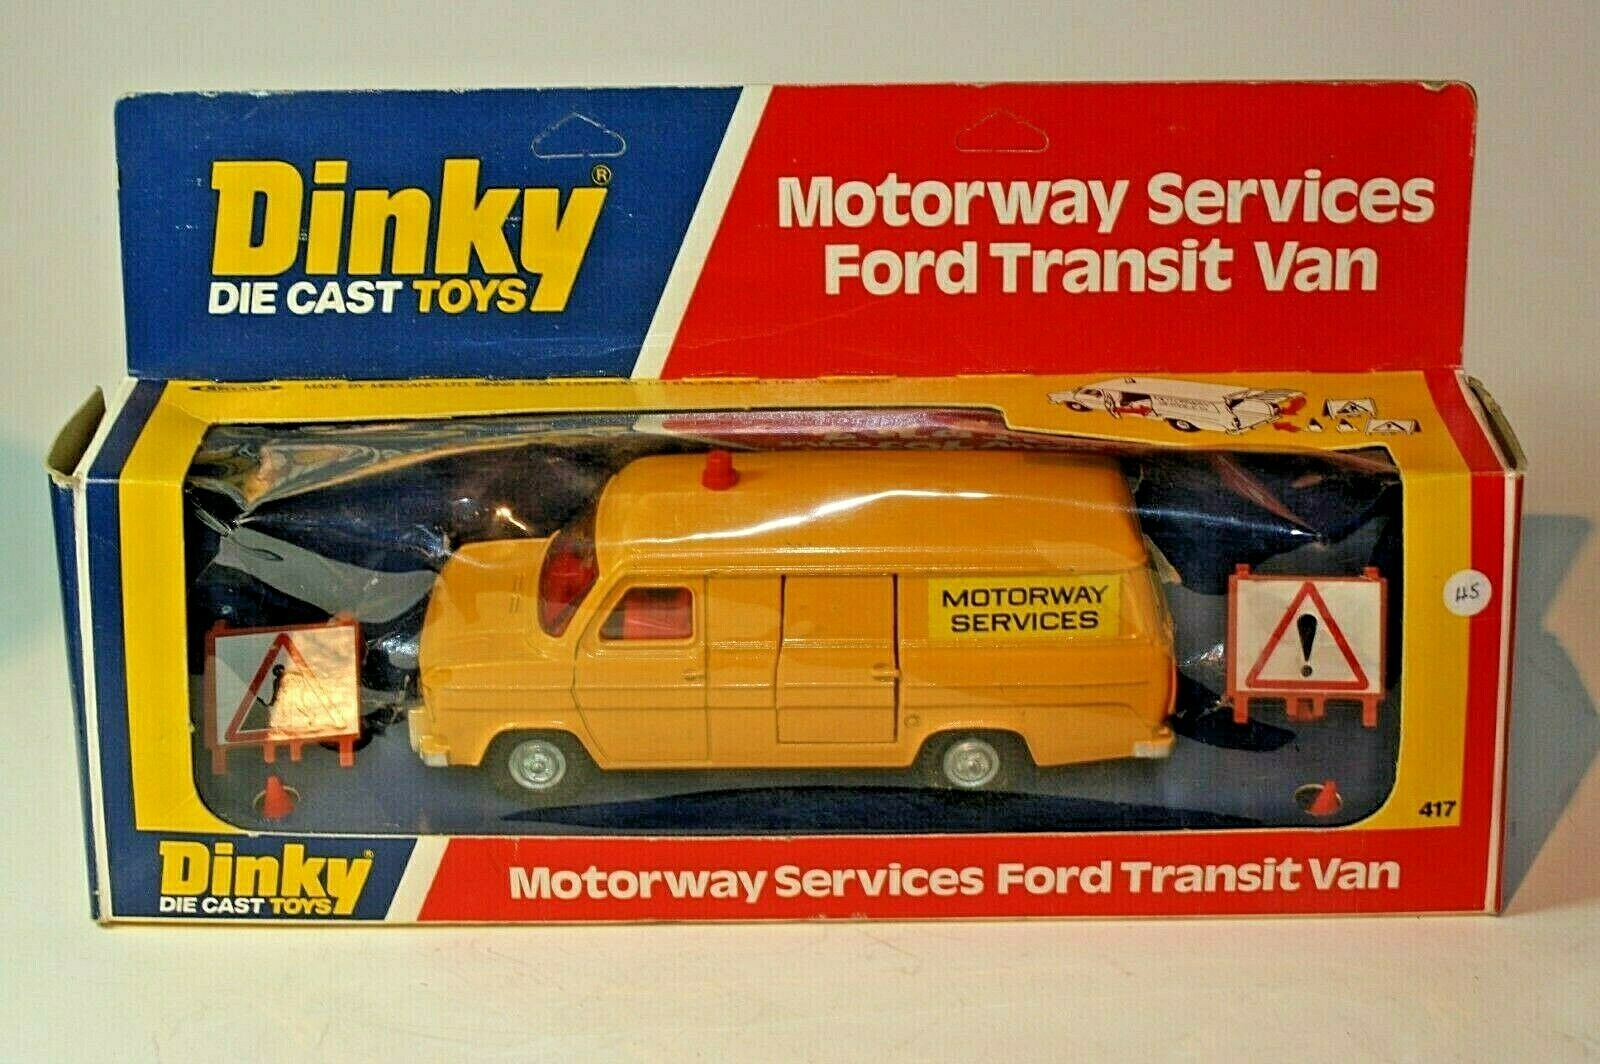 supporto al dettaglio all'ingrosso DINKY 417 Ford Transit Transit Transit Van AUTOSTRADA servizi ottime condizioni nella scatola originale buona  offrendo il 100%